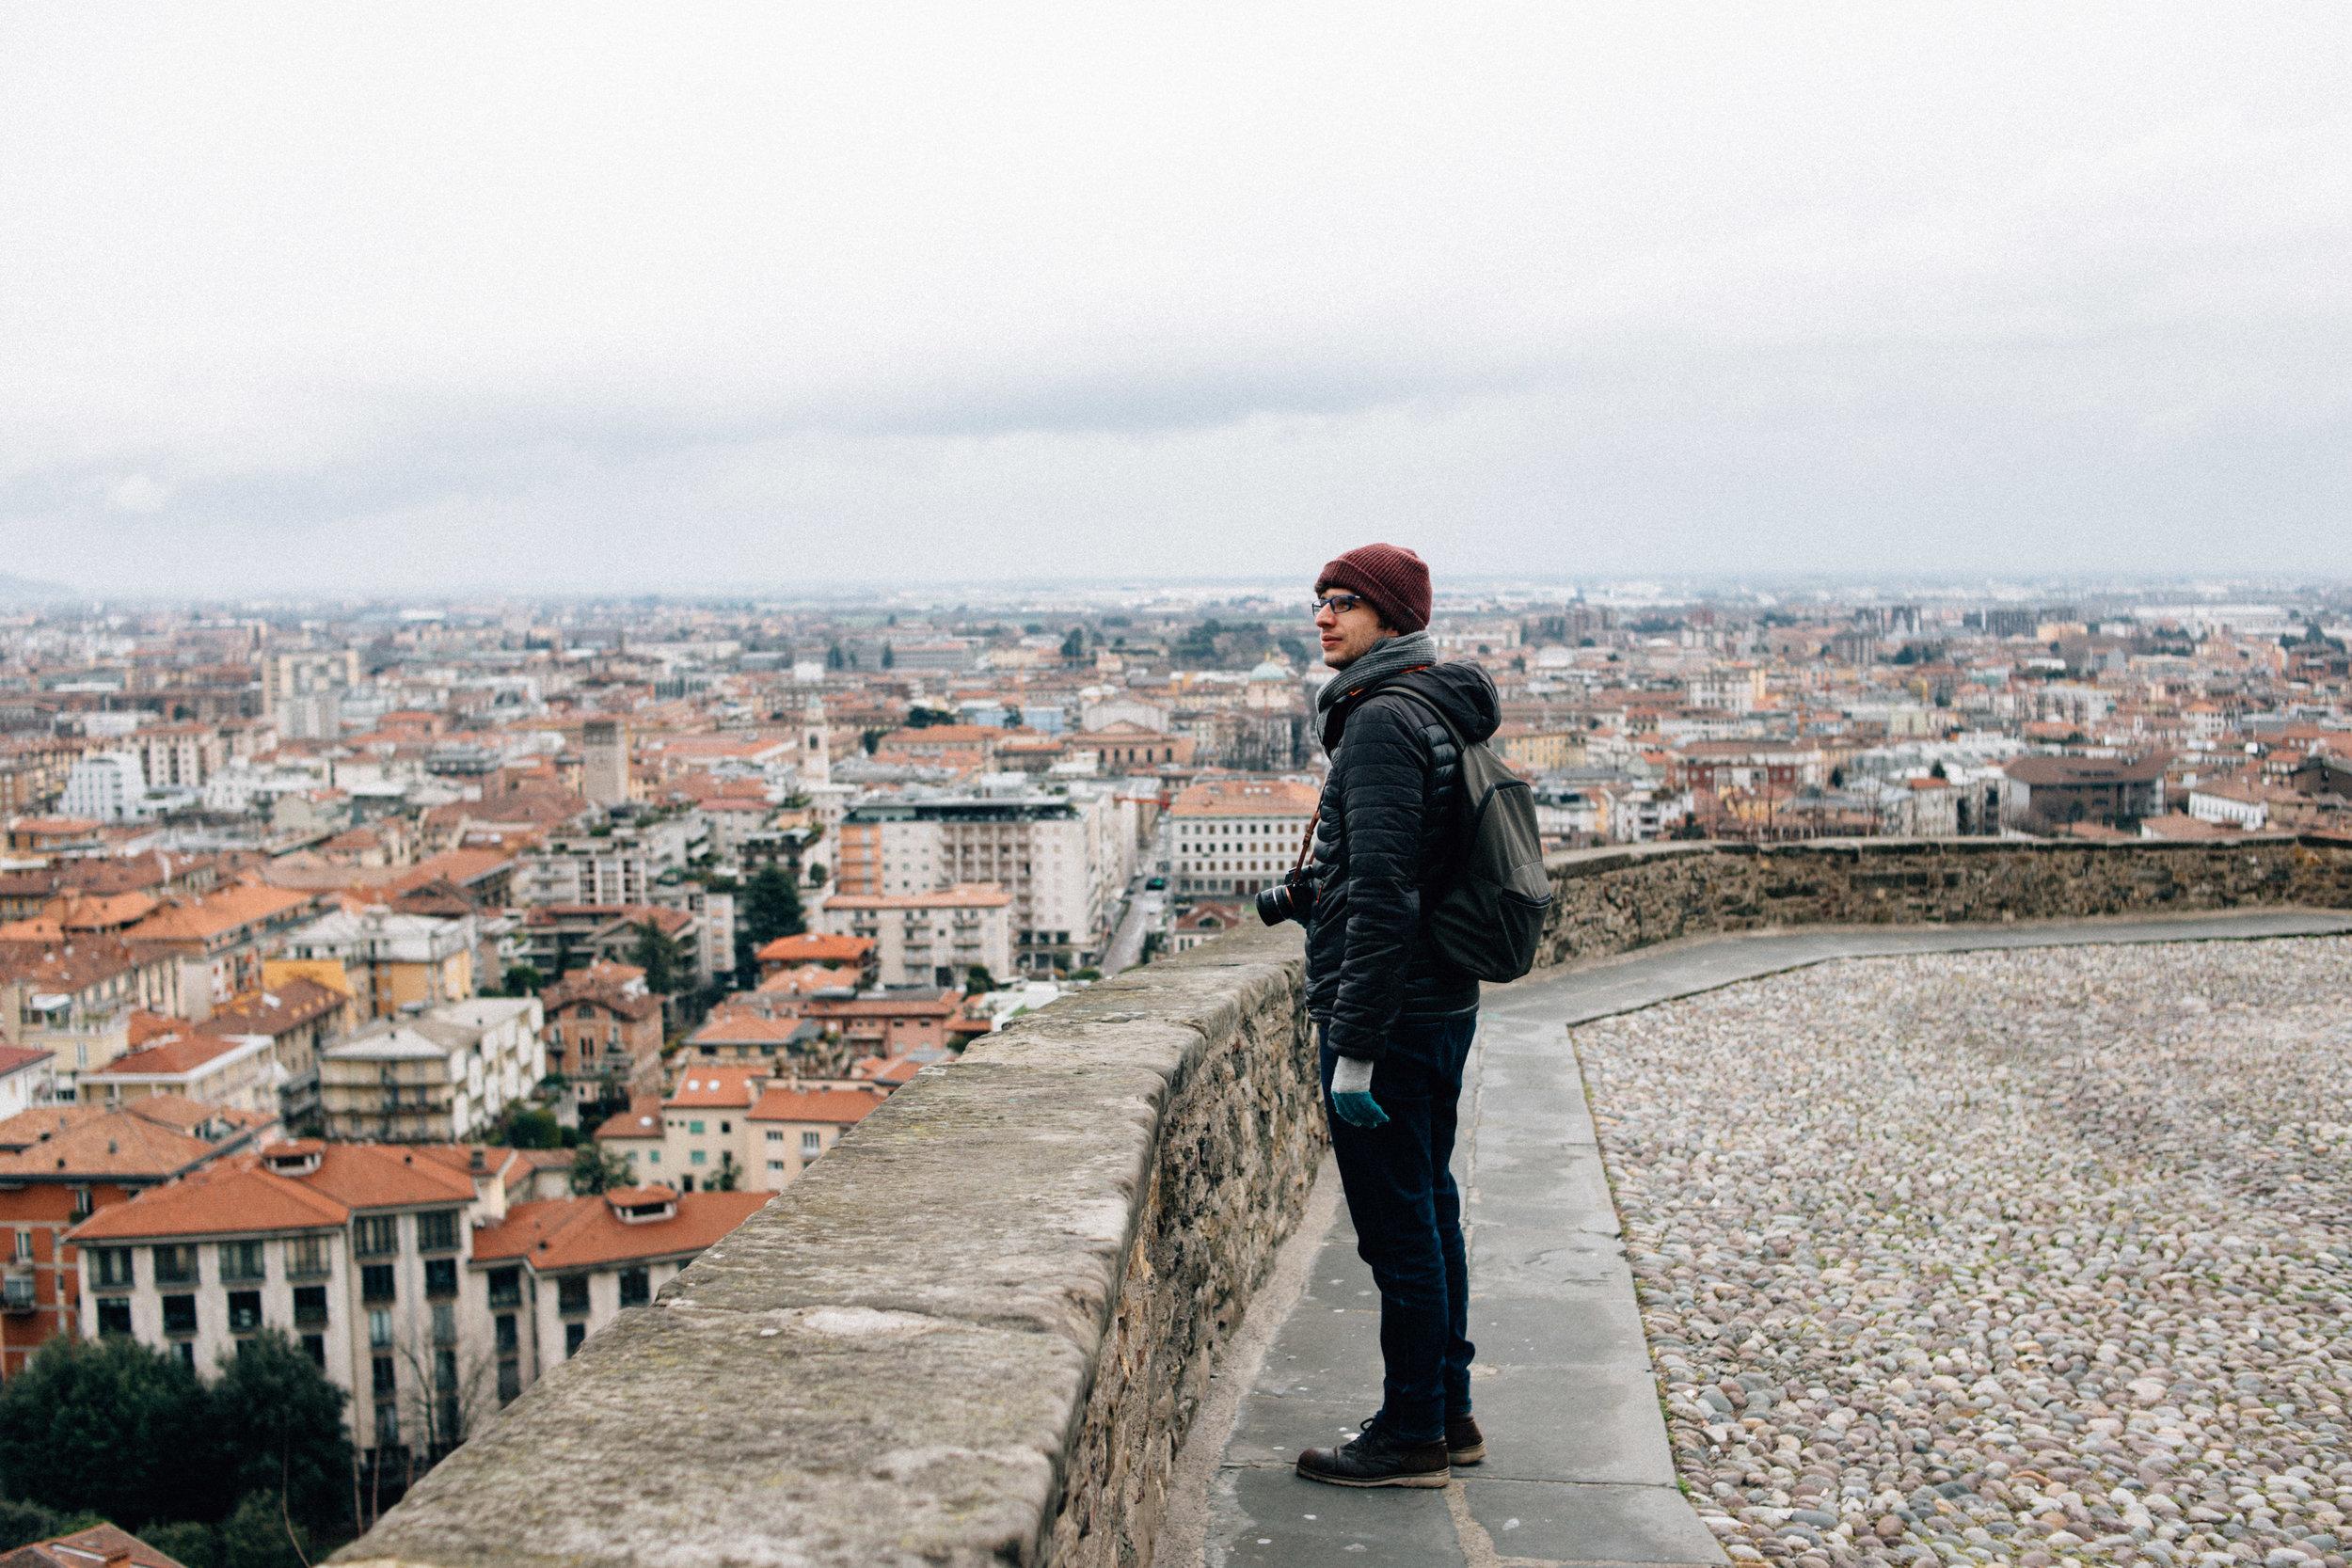 045 - Bergamo.jpg